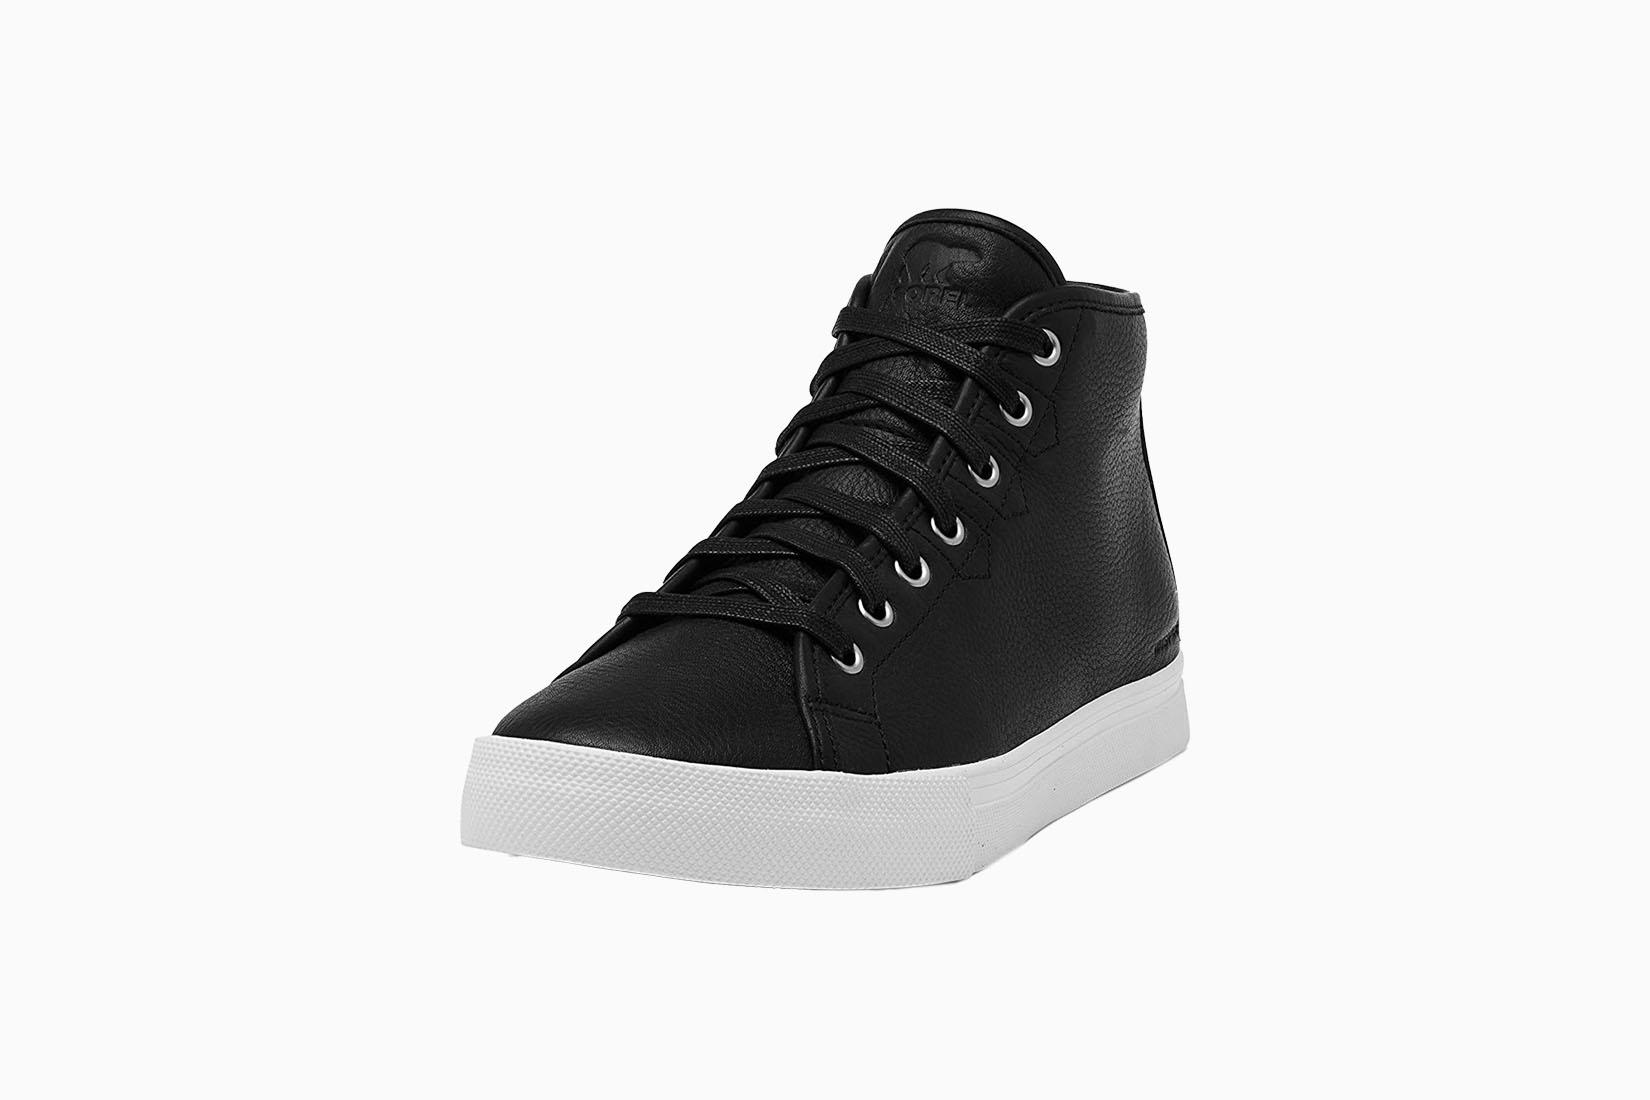 best waterproof shoes men sorel chukka review Luxe Digital